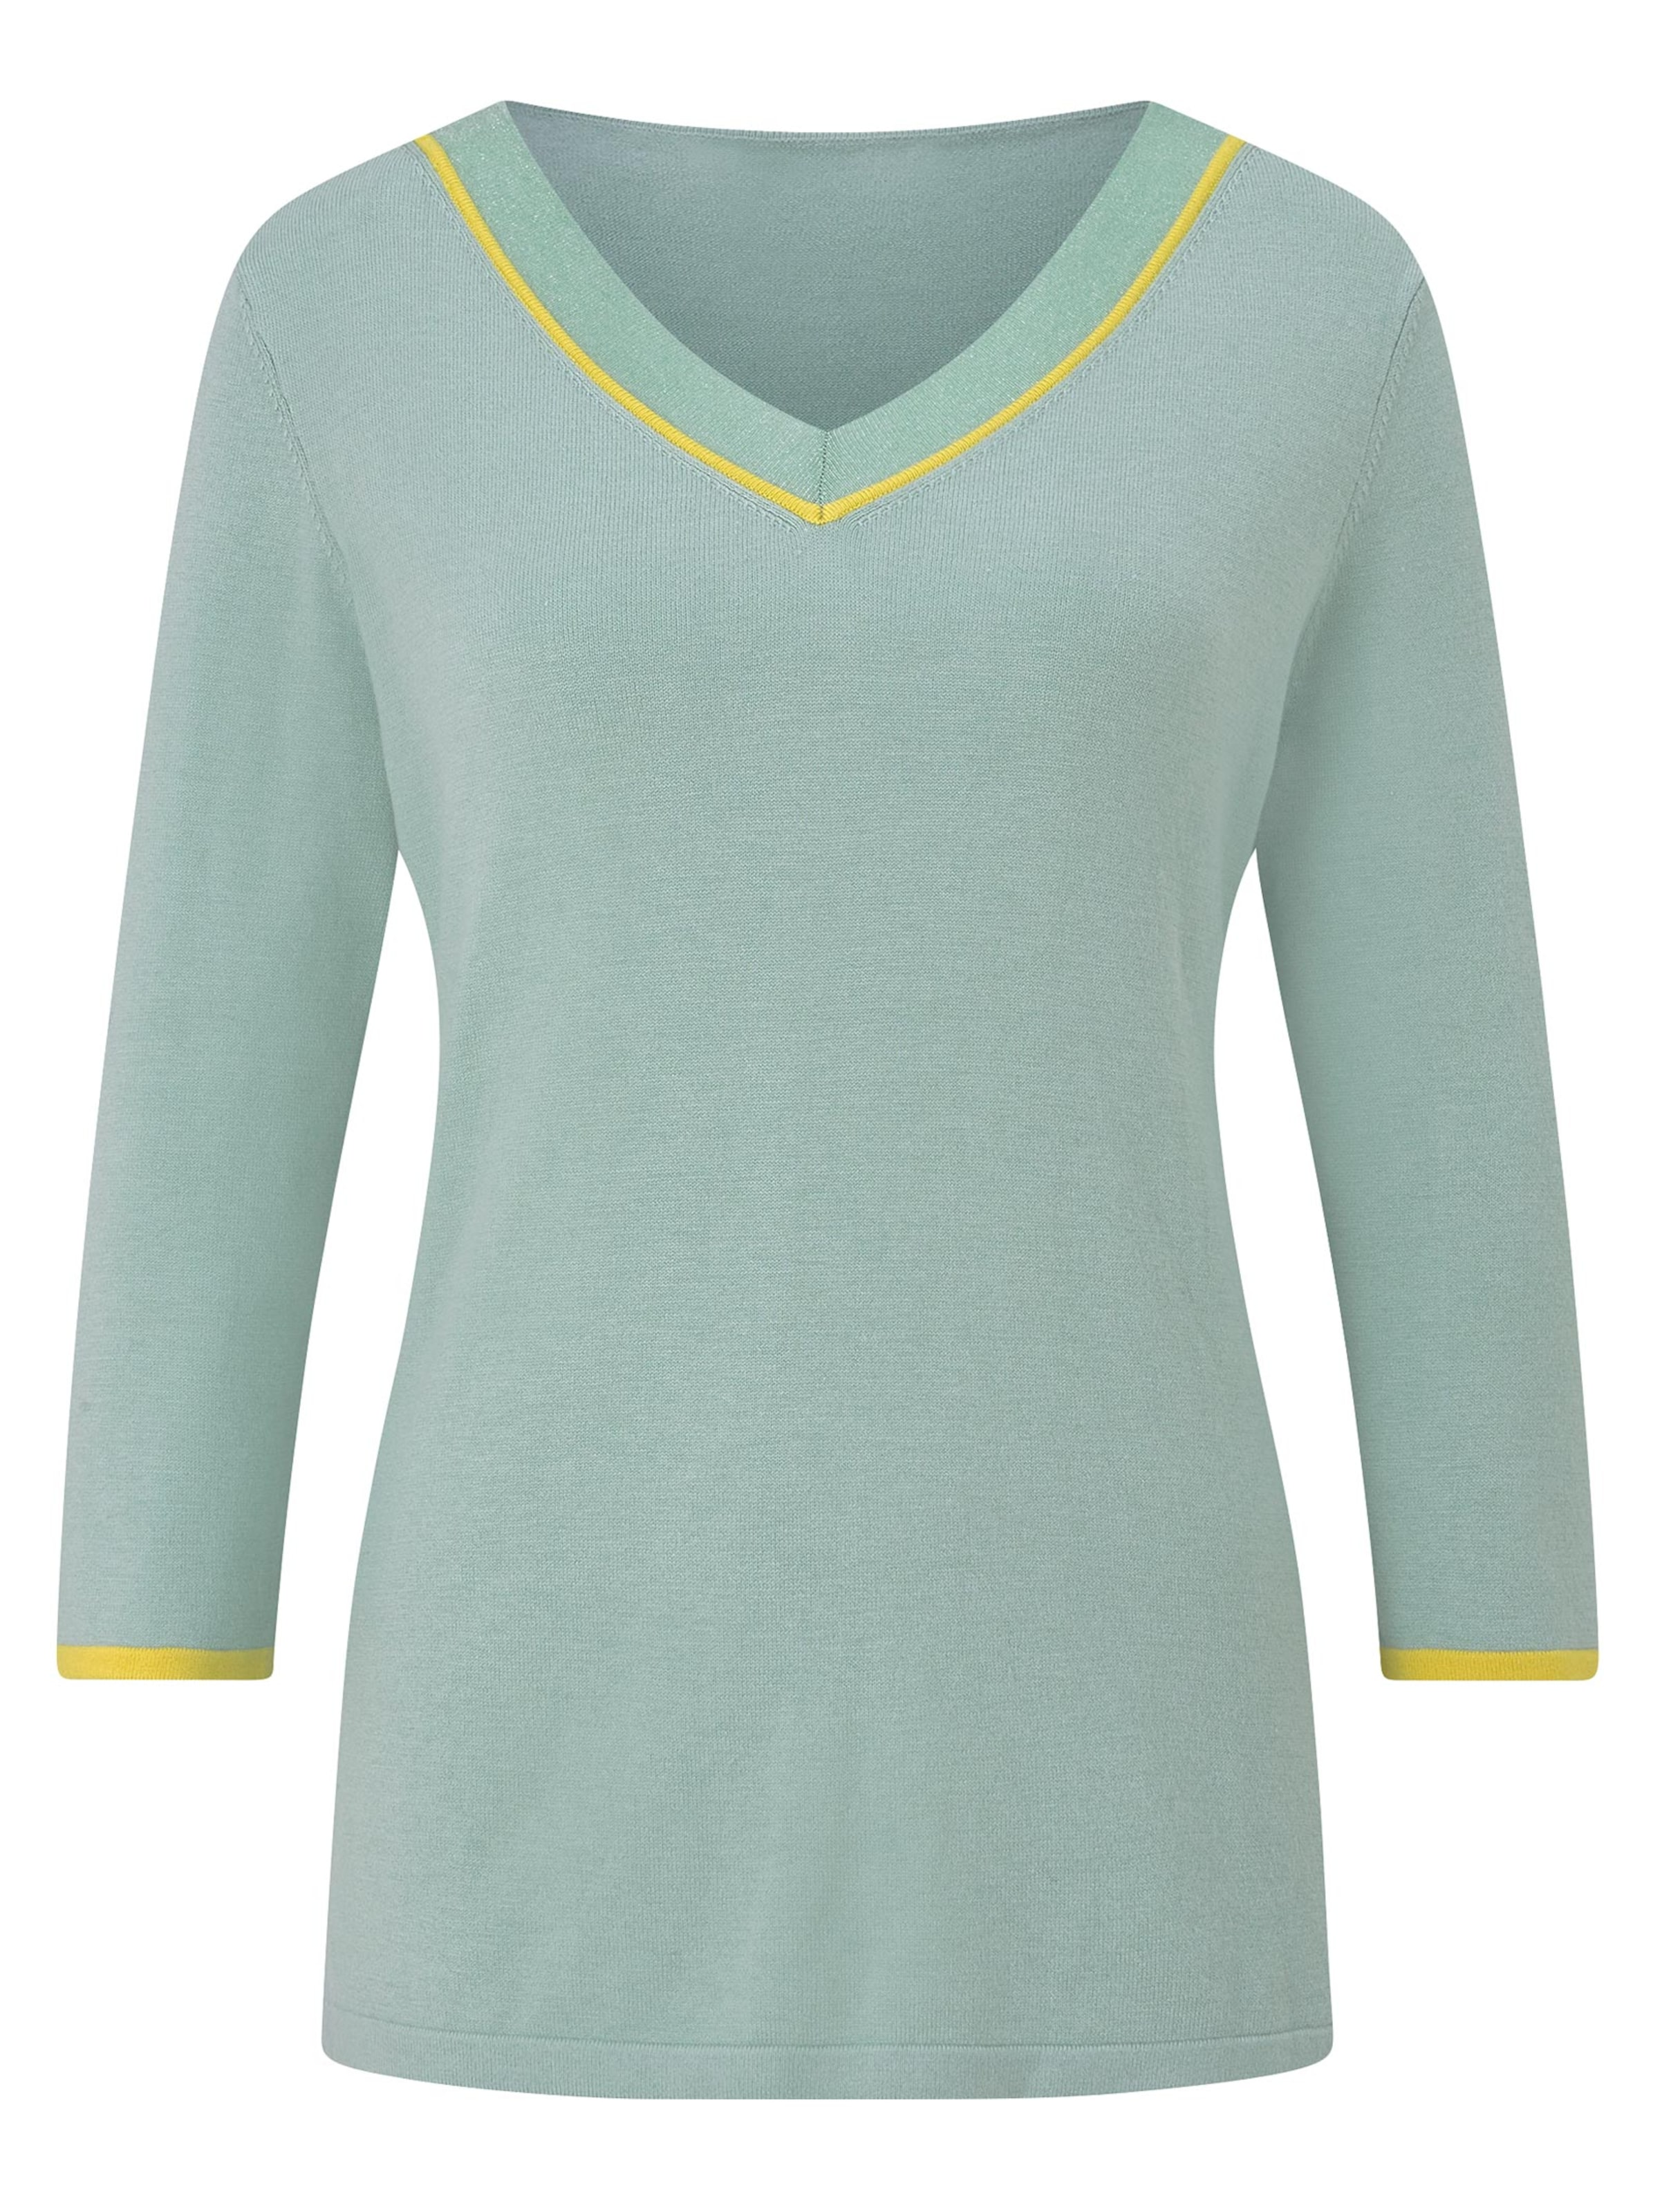 witt weiden -  Damen Pullover kalkmint